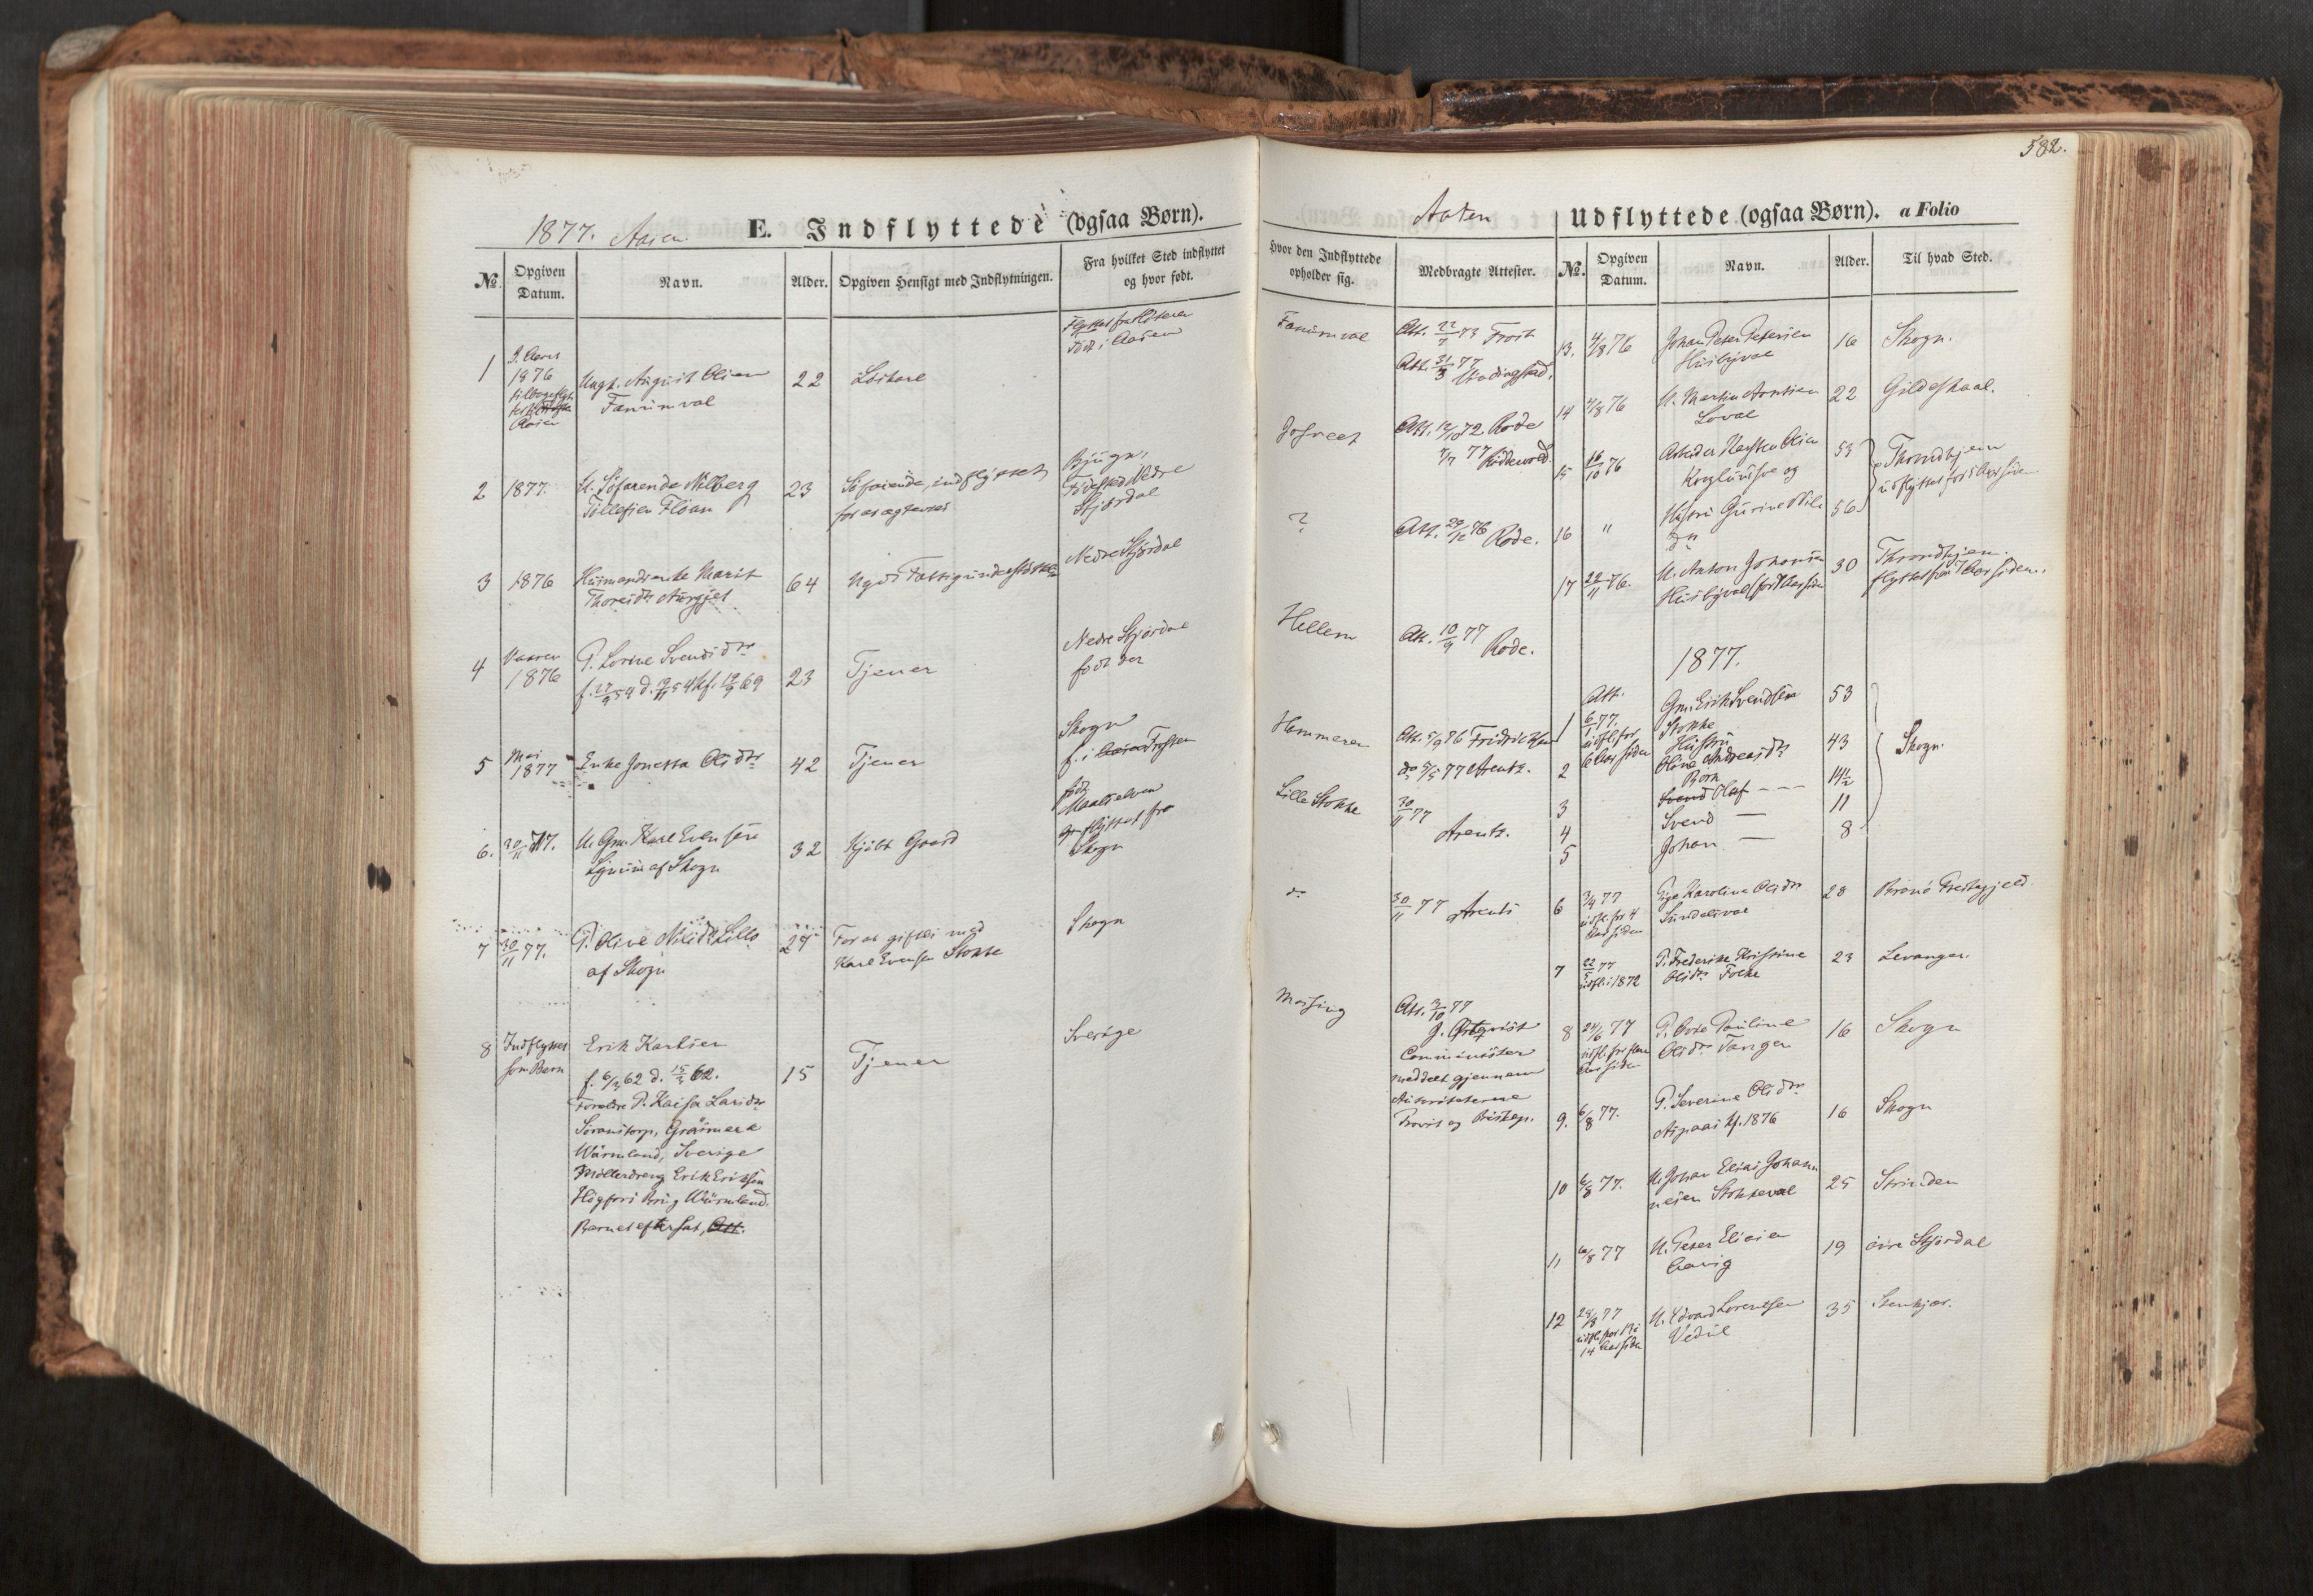 SAT, Ministerialprotokoller, klokkerbøker og fødselsregistre - Nord-Trøndelag, 713/L0116: Ministerialbok nr. 713A07, 1850-1877, s. 582